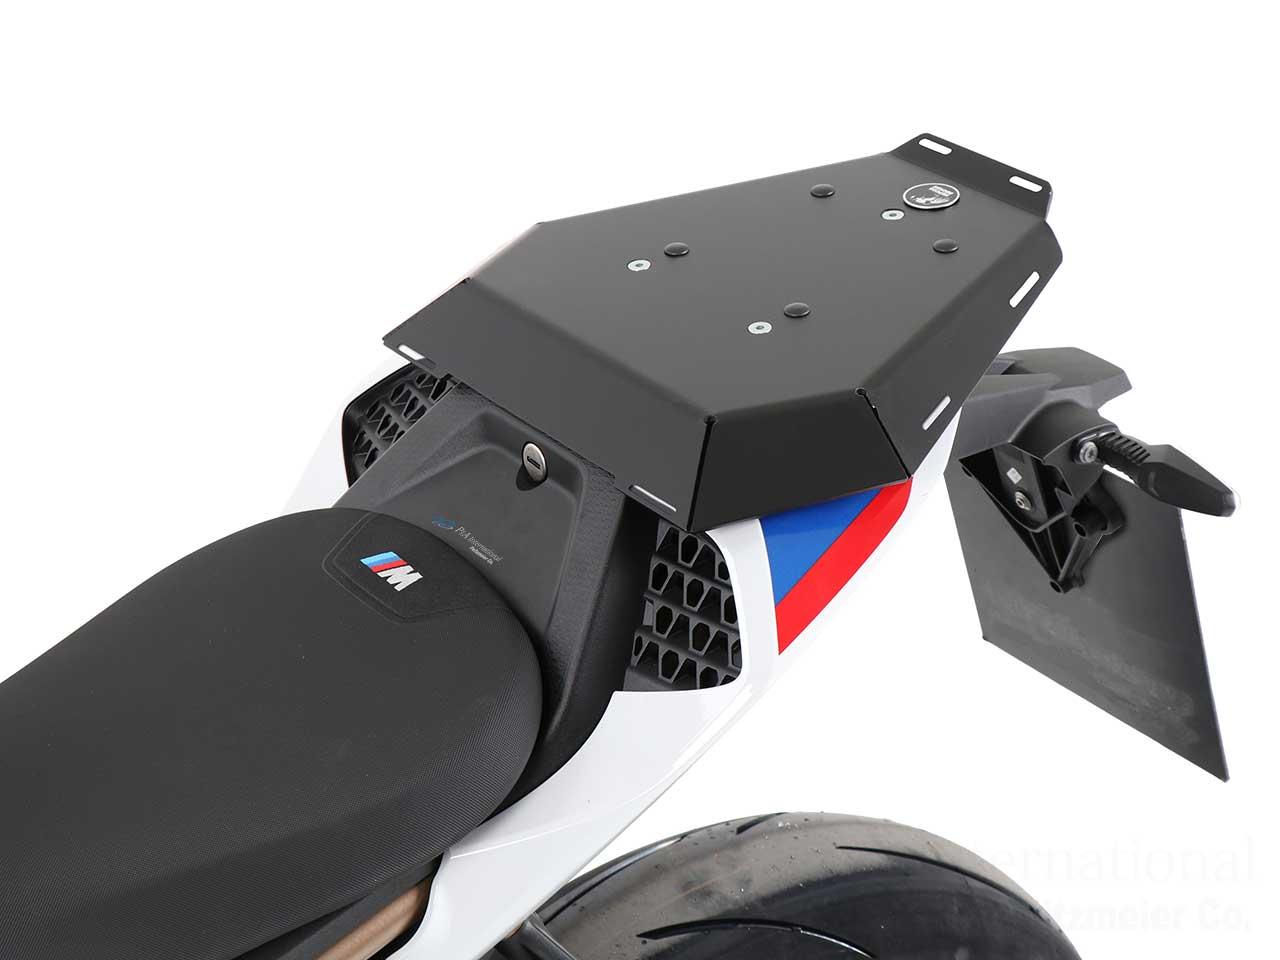 ヘプコ&ベッカー タンデムシート置換型リアラック「Speedrack EVO」 BMW S1000RR(19-)